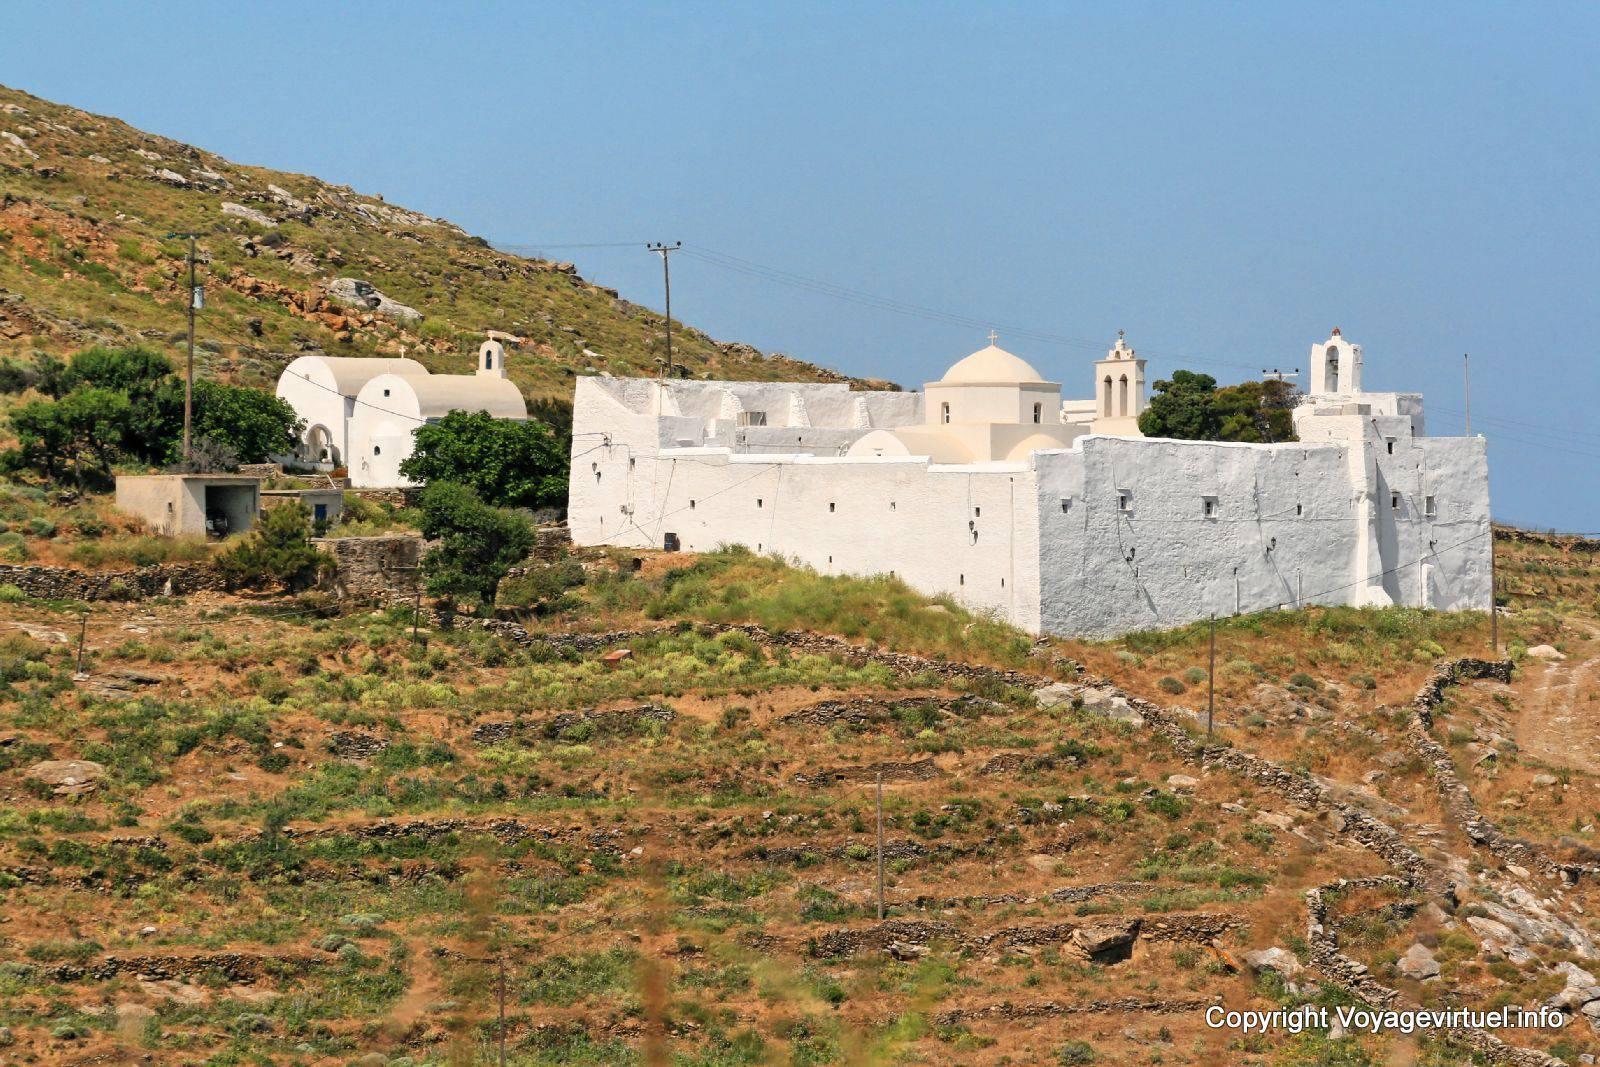 Serifos monastery Moni taxiarchs Taxiarchon - Greece